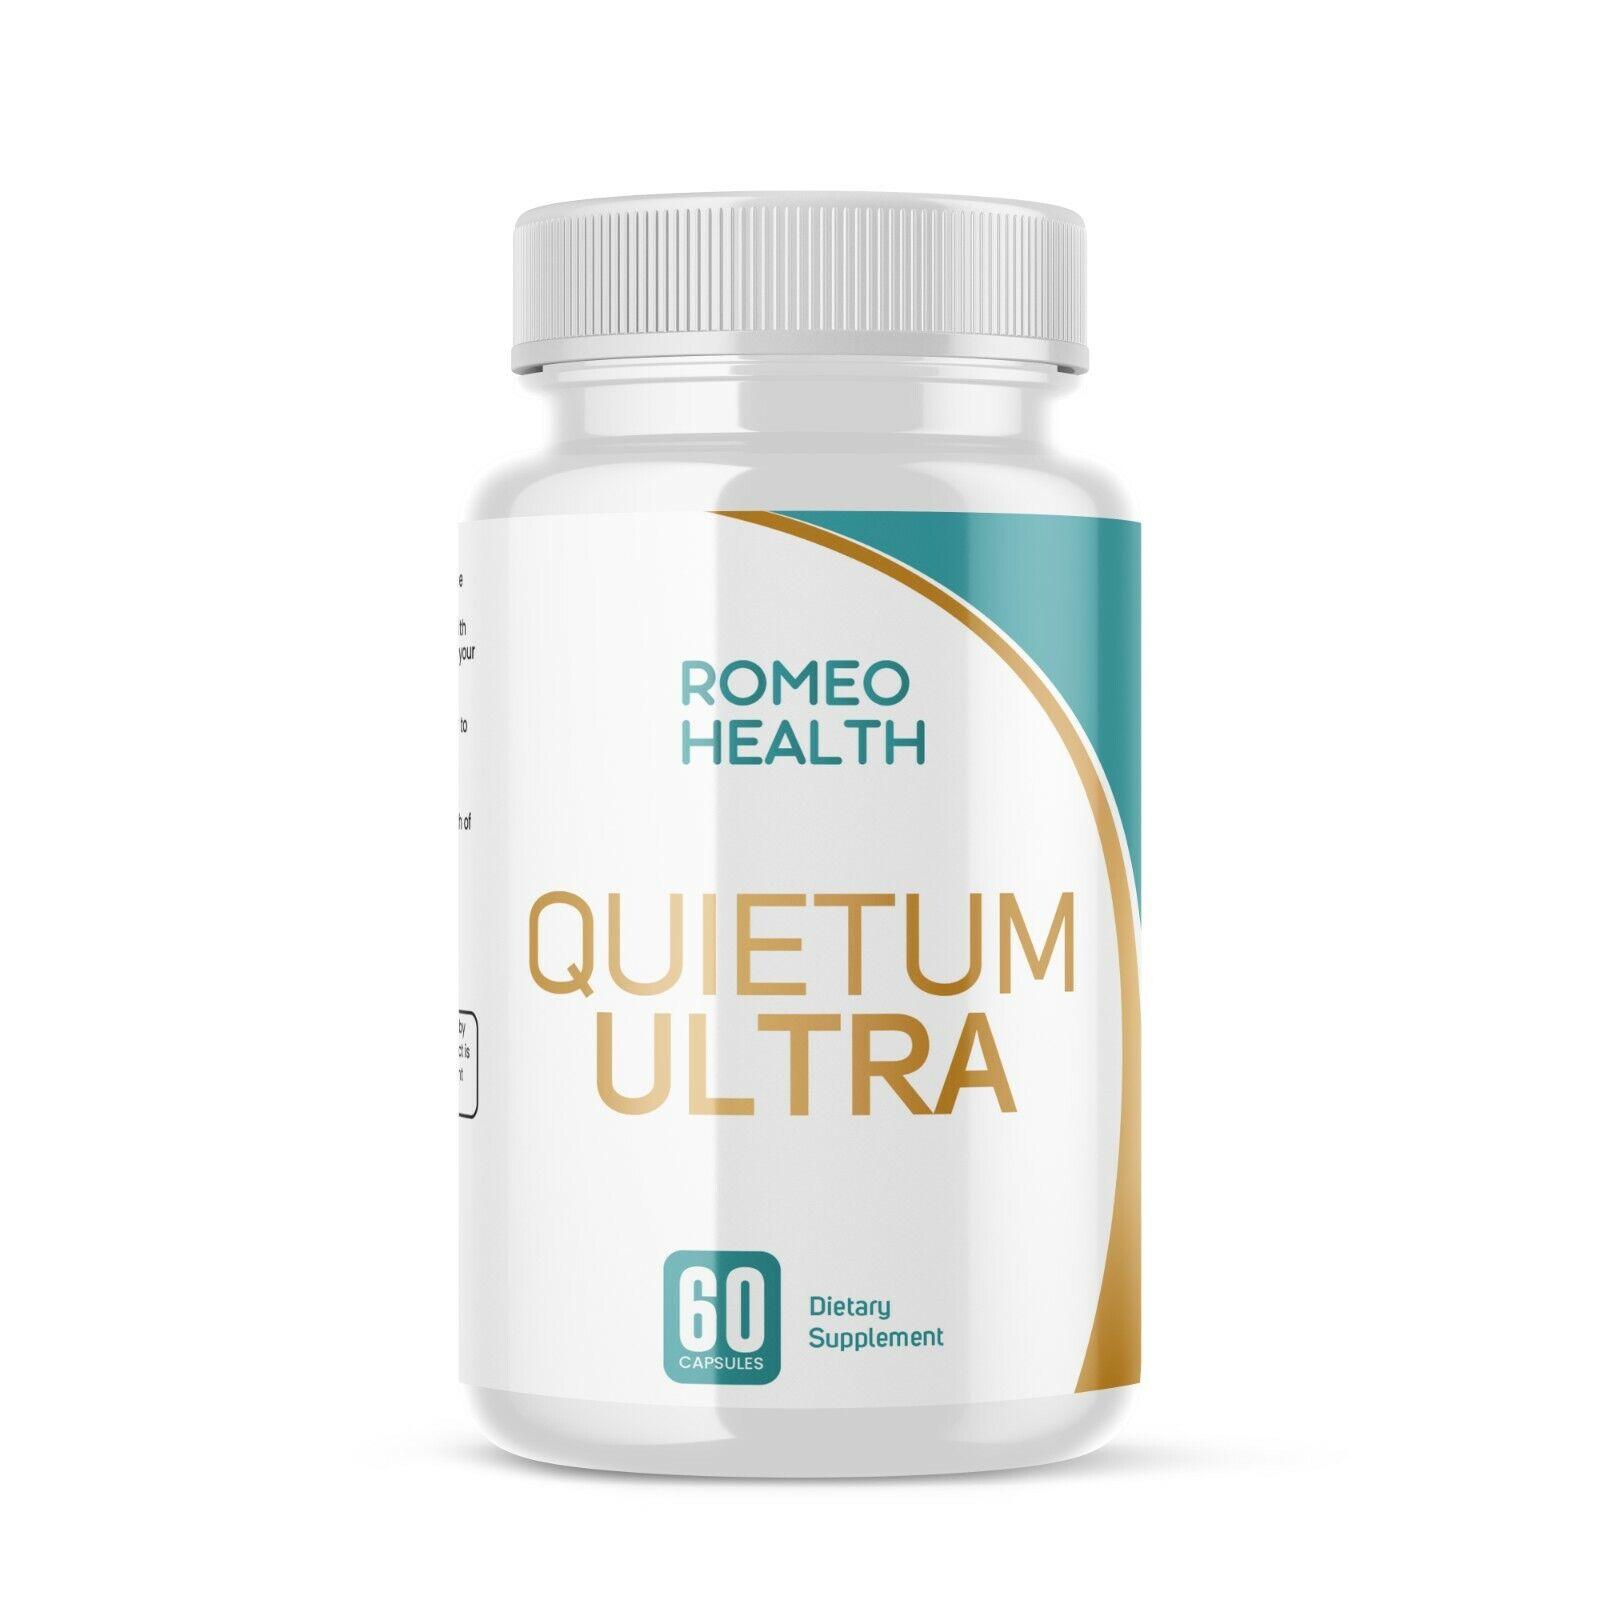 Quietum Ultra Complete Tinnitus Relief Supplement, 60 Capsules, ROMEO HEALTH 1